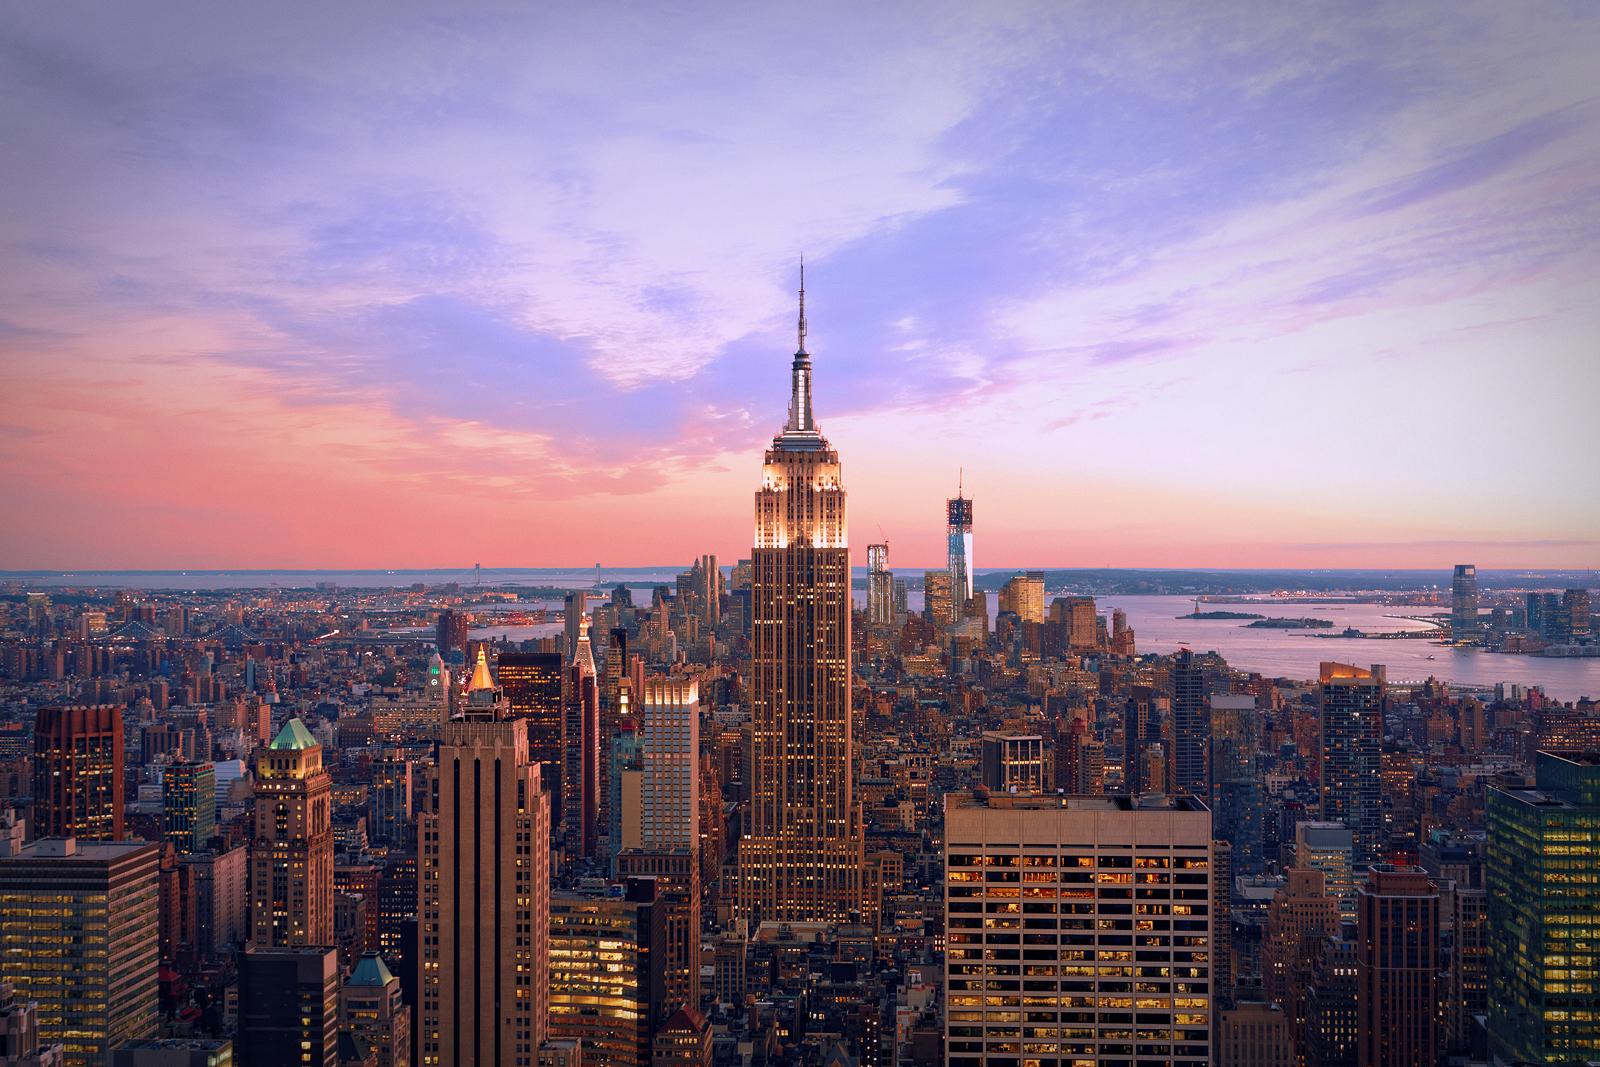 ニューヨーク市の写真